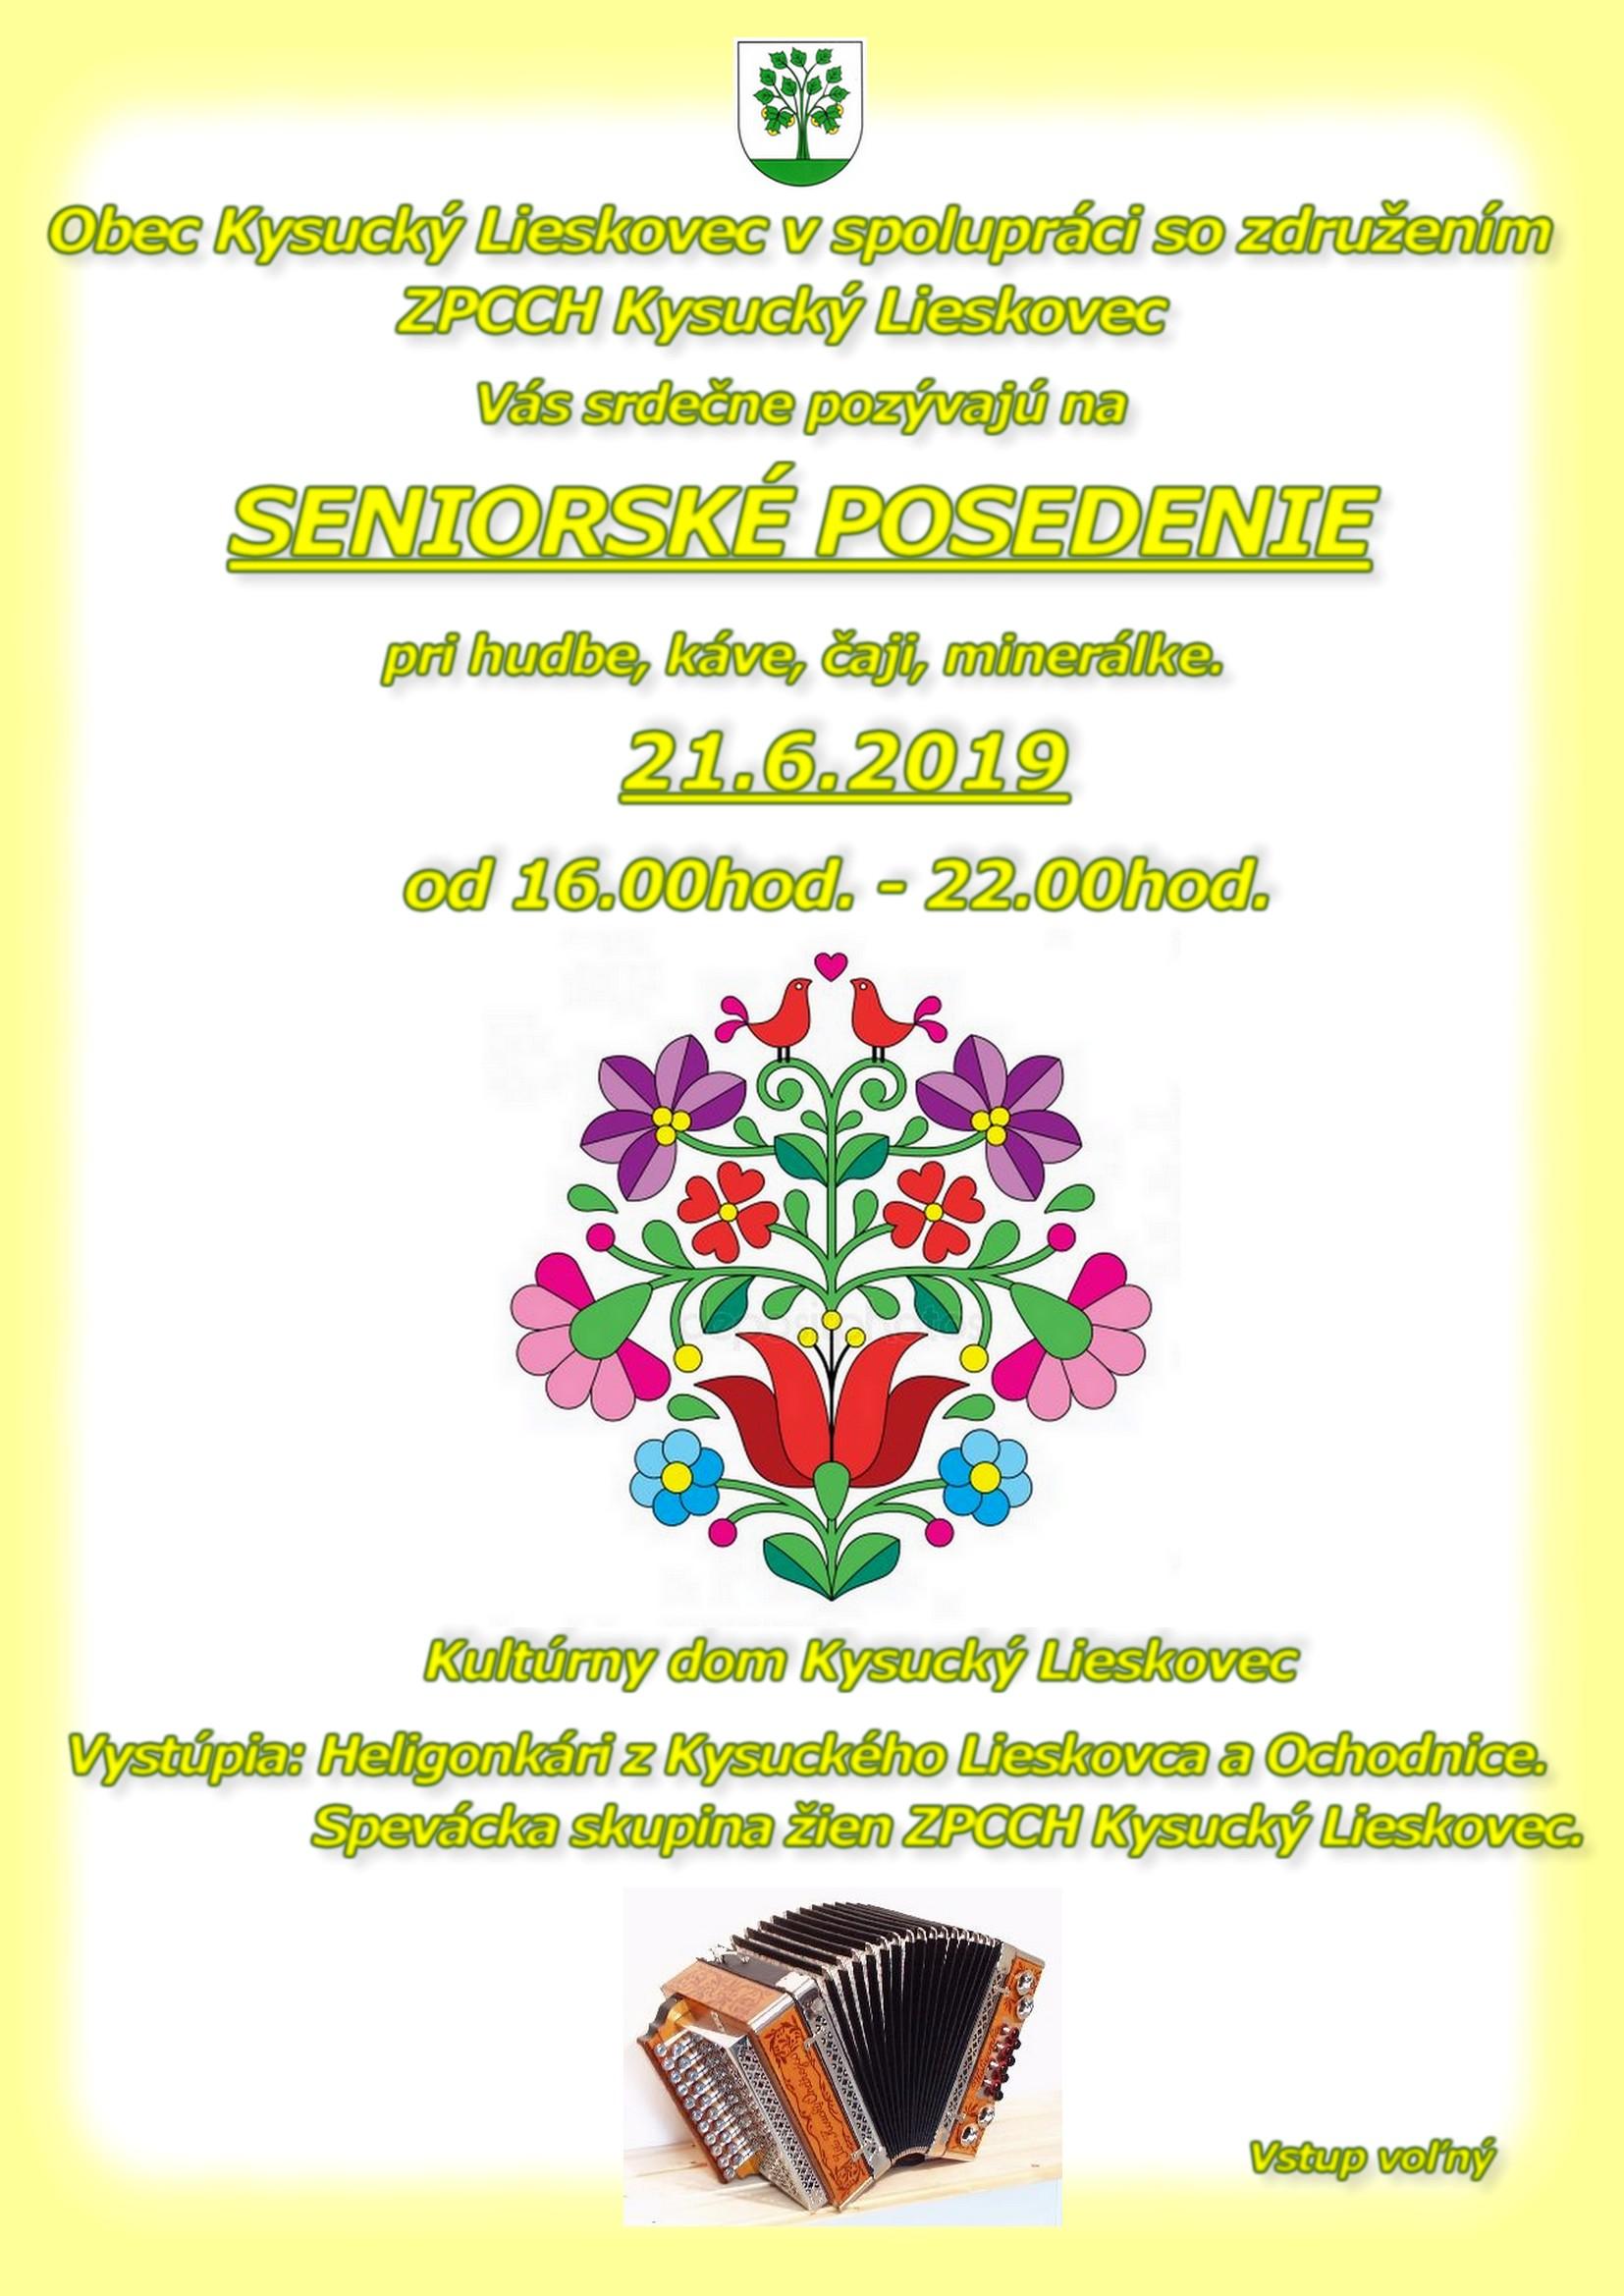 Селище Кисукі Лієковець у співпраці з асоціацією ZPCCH Kysucky Lieskovec сердечно запрошують Вас на вечірню сесію 21.6.2019 з 16:00 - 22:00.